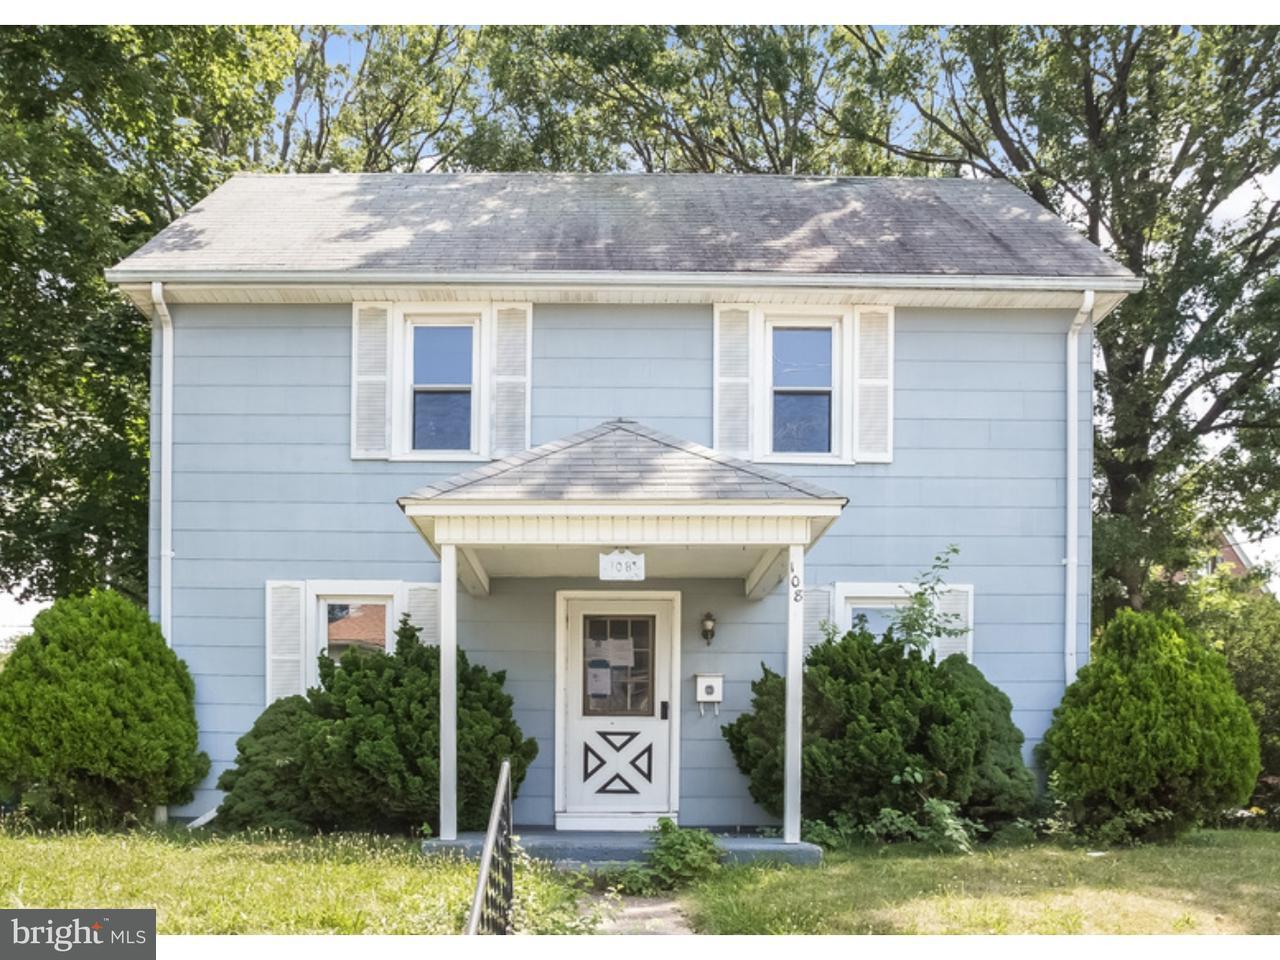 Tek Ailelik Ev için Satış at 108 N WILSON Avenue Brooklawn, New Jersey 08030 Amerika Birleşik Devletleri